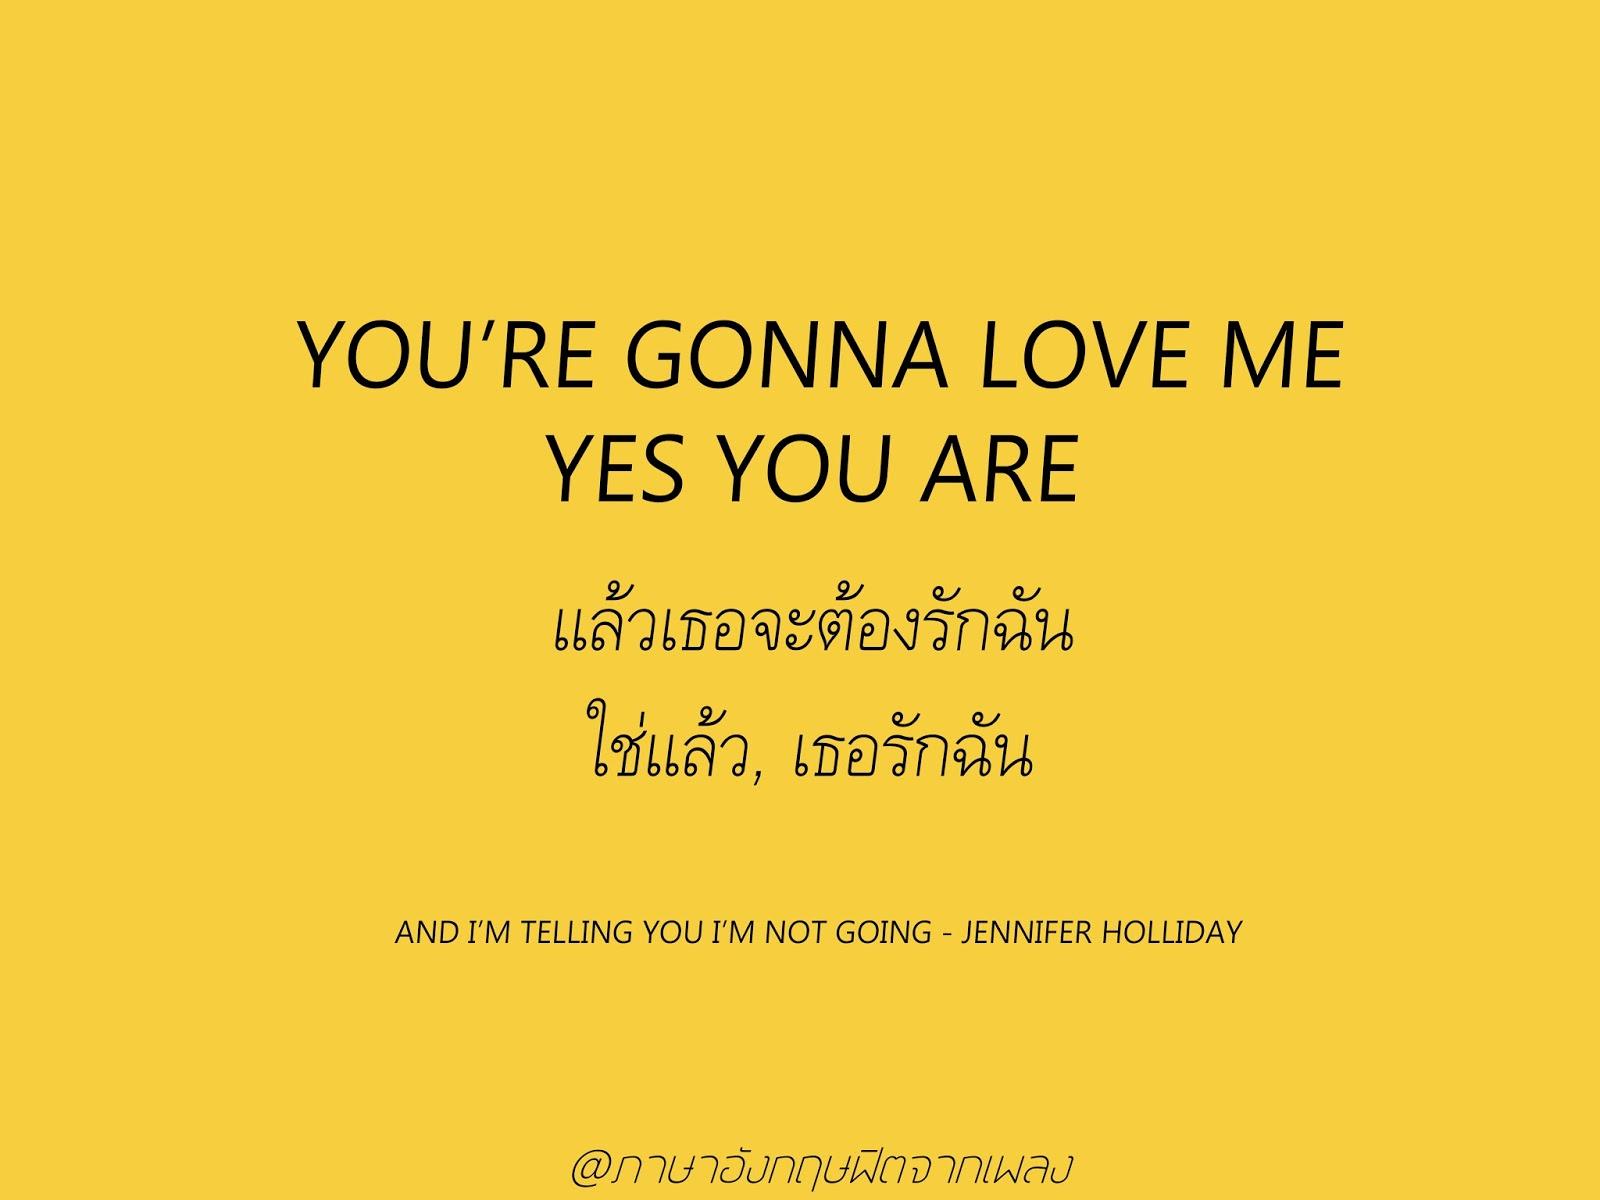 I not love